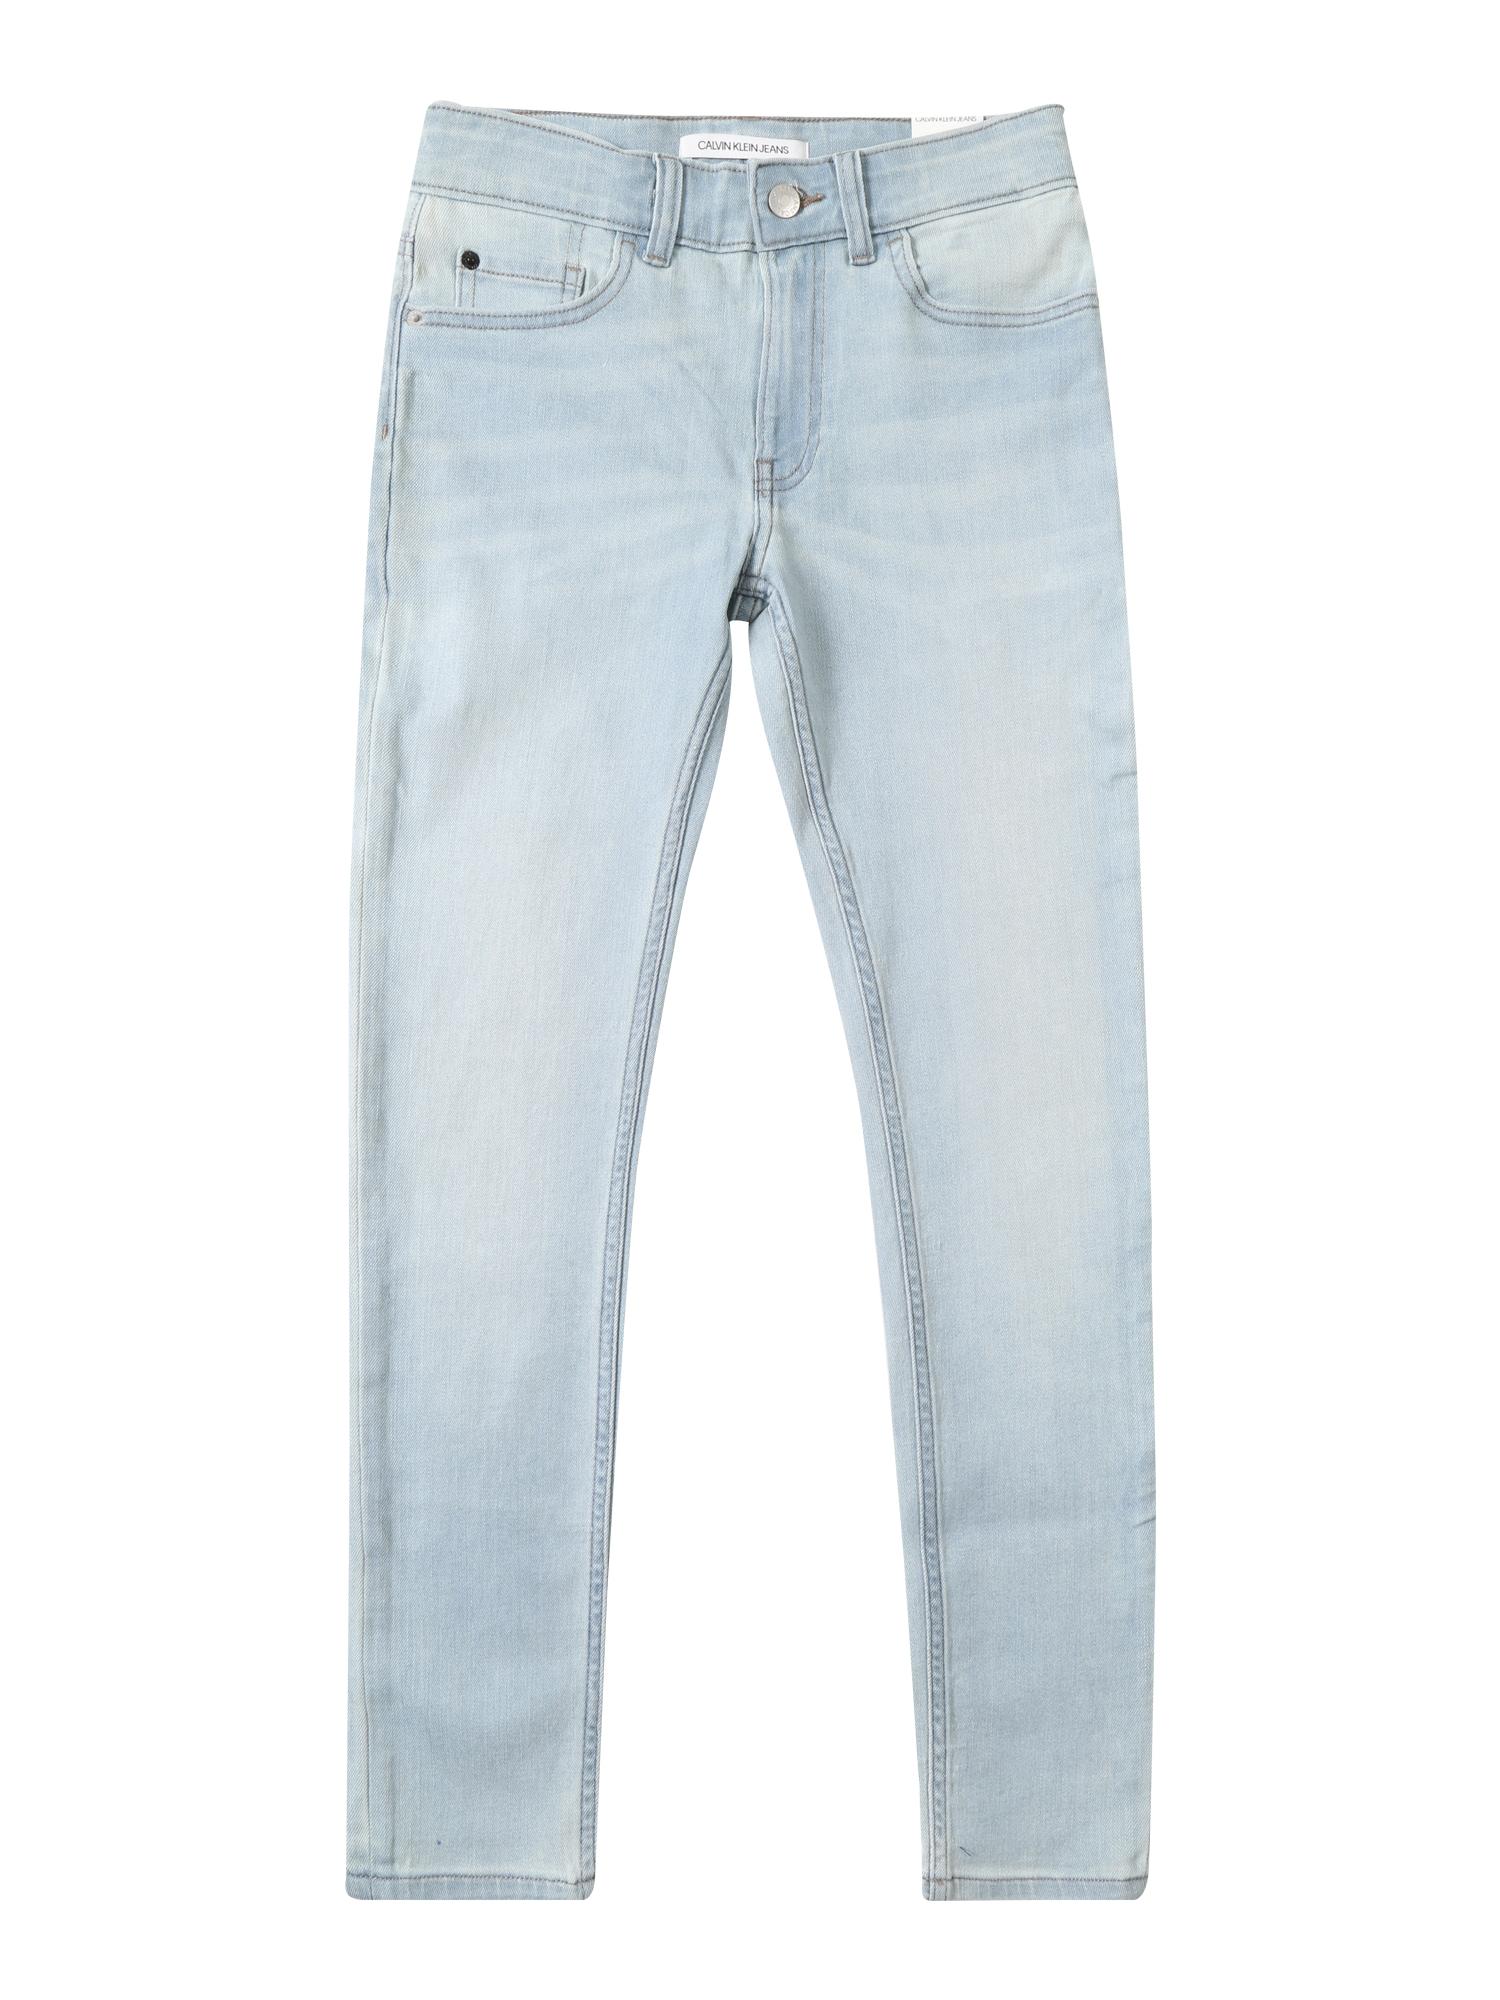 Džíny SKINNY VALE LIGHT BLUE STR modrá džínovina Calvin Klein Jeans